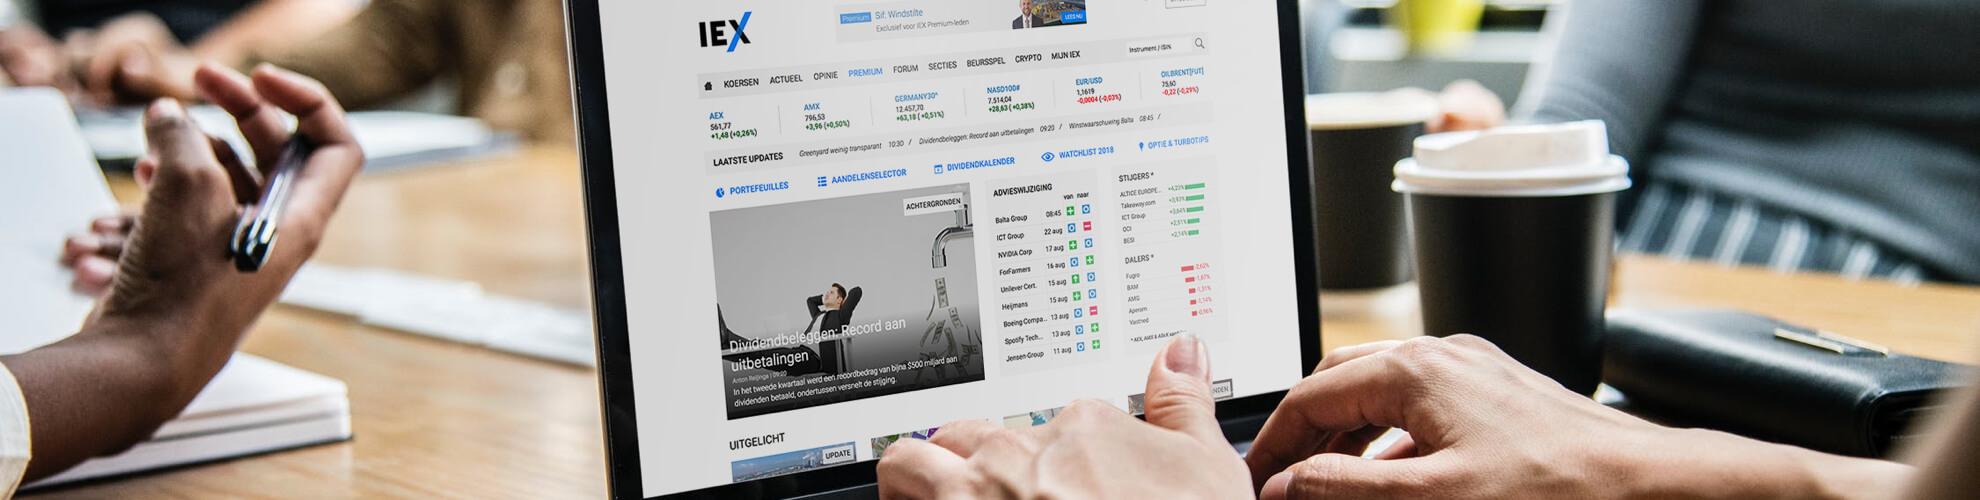 laptop met IEX Premium